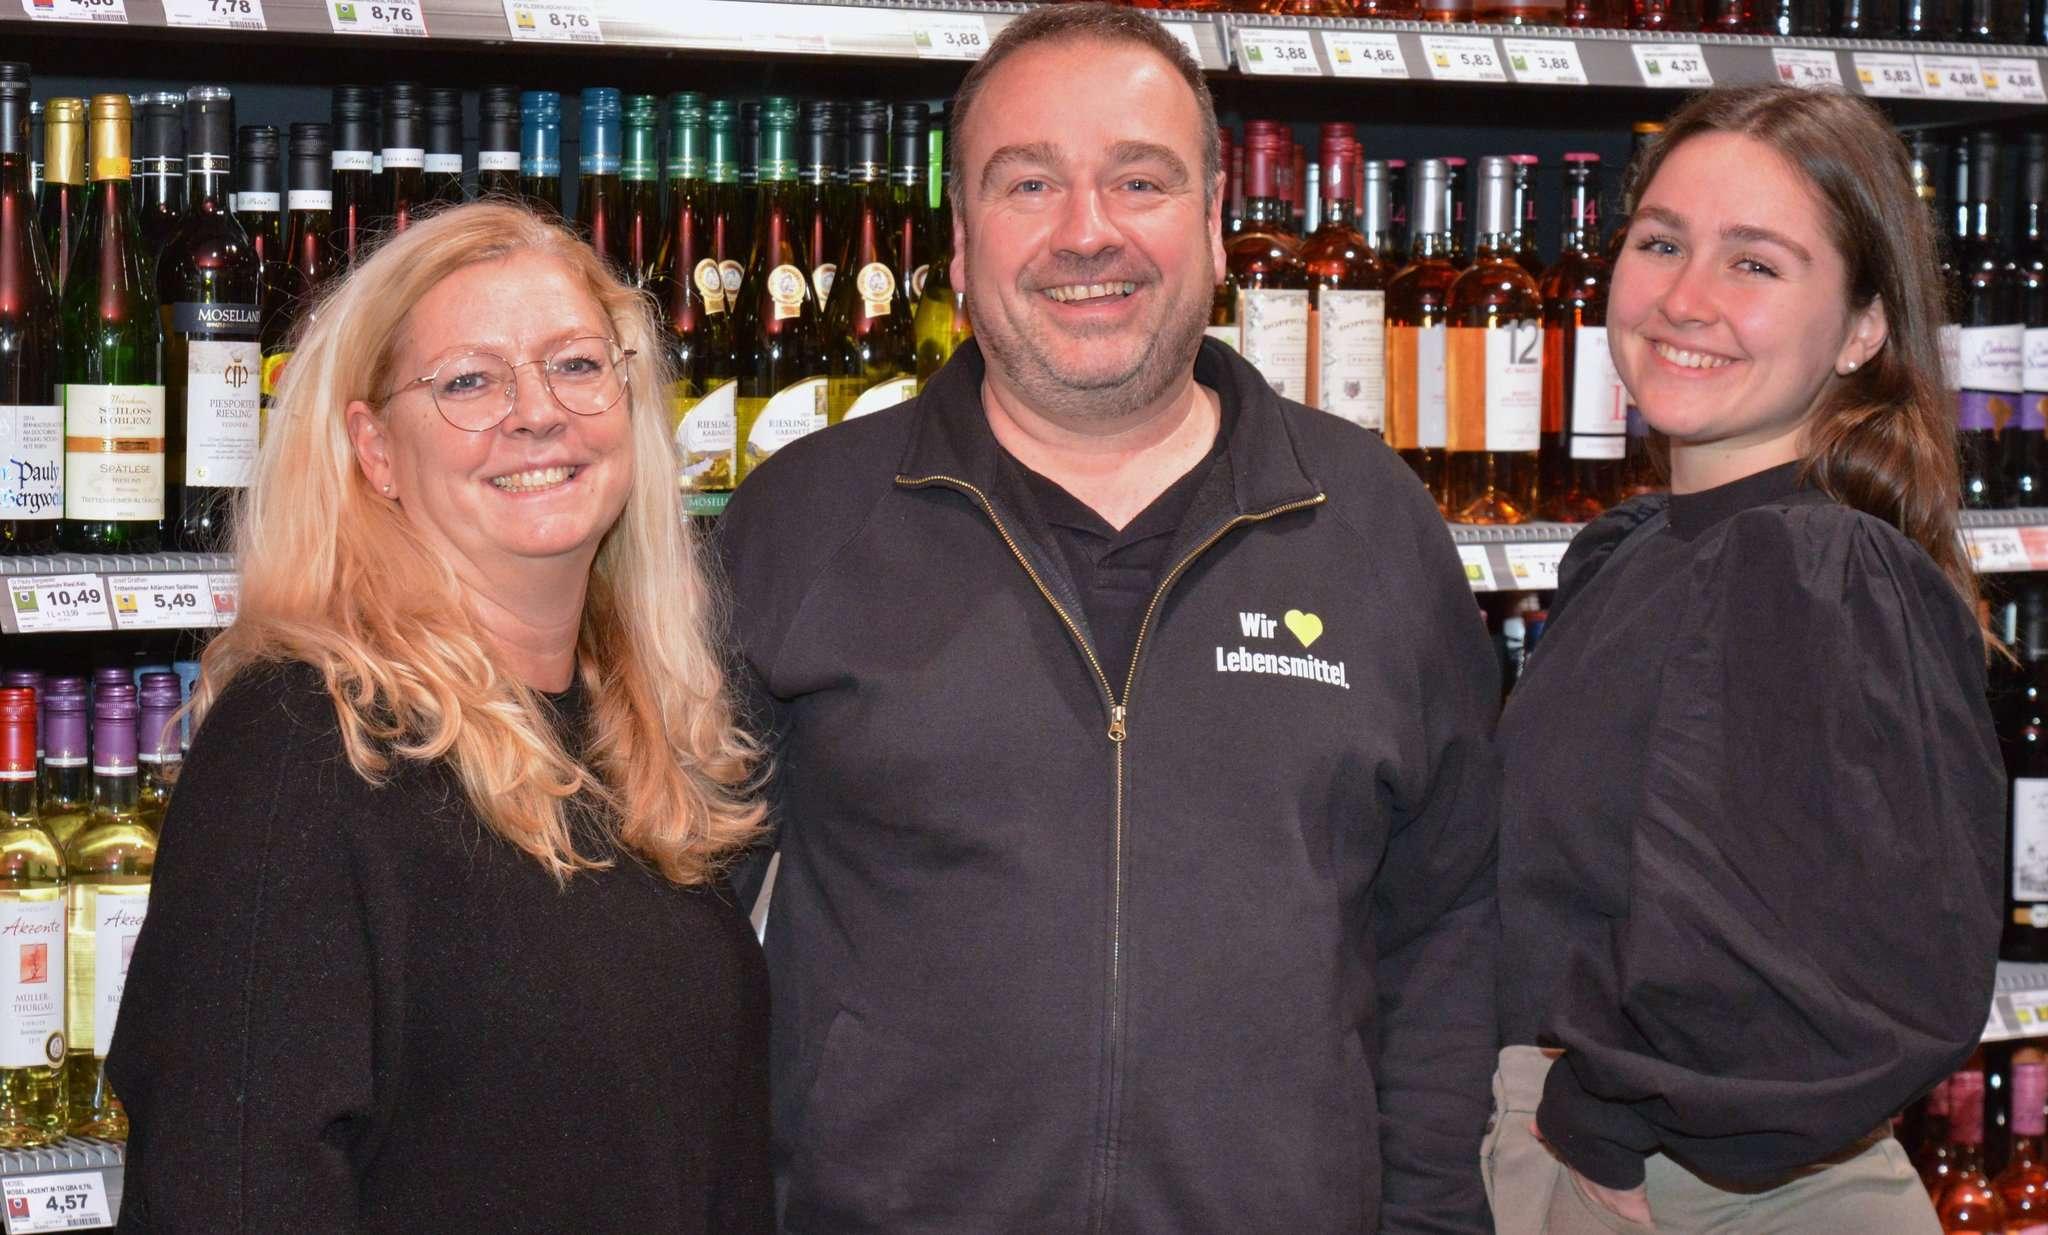 Freuen sich auf den neuen Standort: Annette (von links), Markus und Malin Ahrens. Foto: Klaus-Dieter Plage